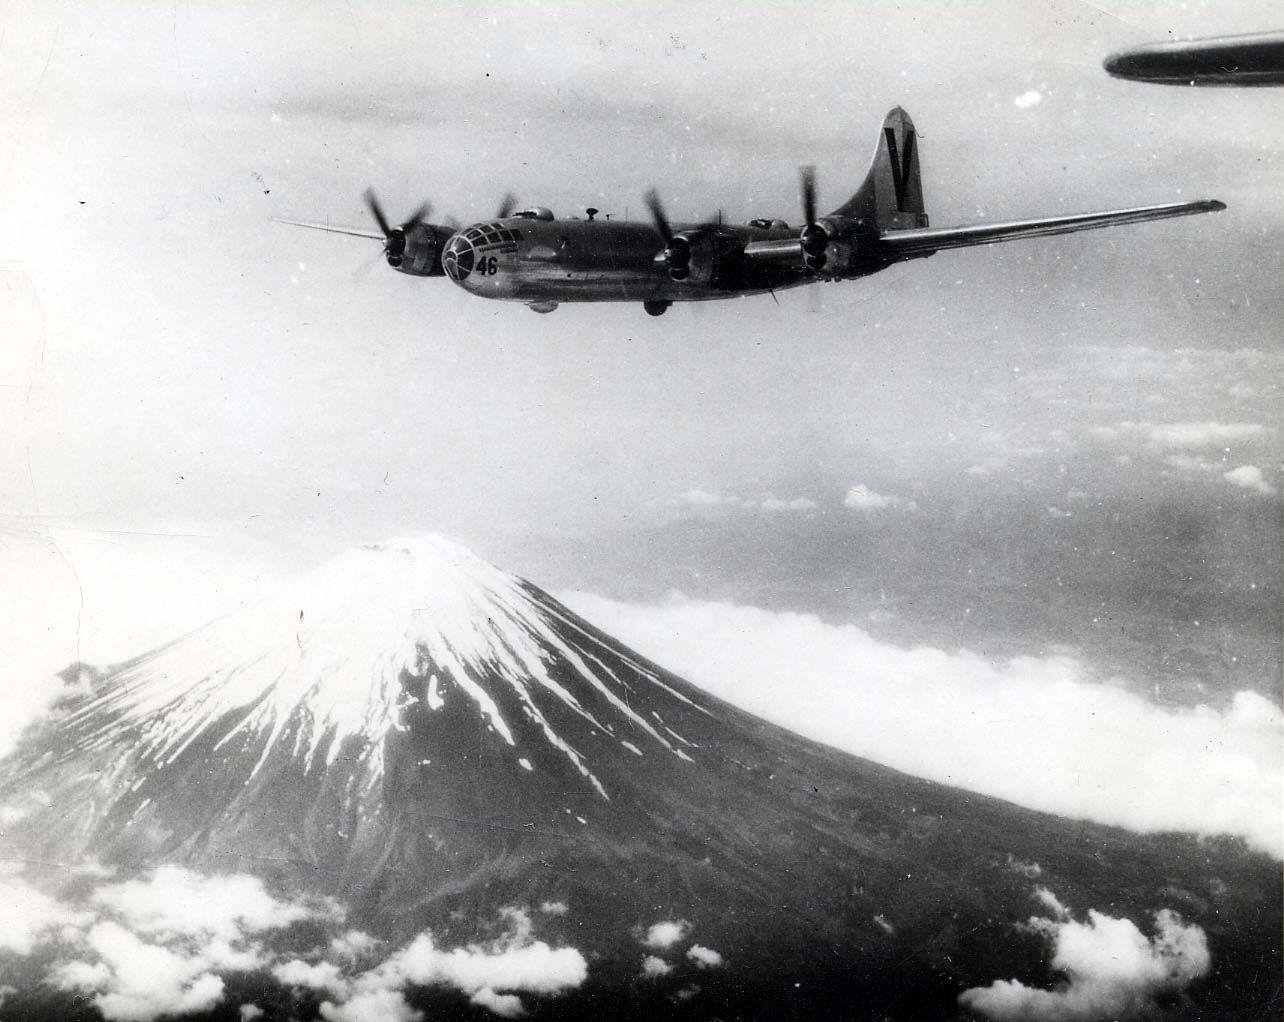 Superfortalezas del 499º Grupo de Bombardeo sobrevuelan el famoso monte Fuji, en una misión en 1945 (fuente: USGOV-PD)